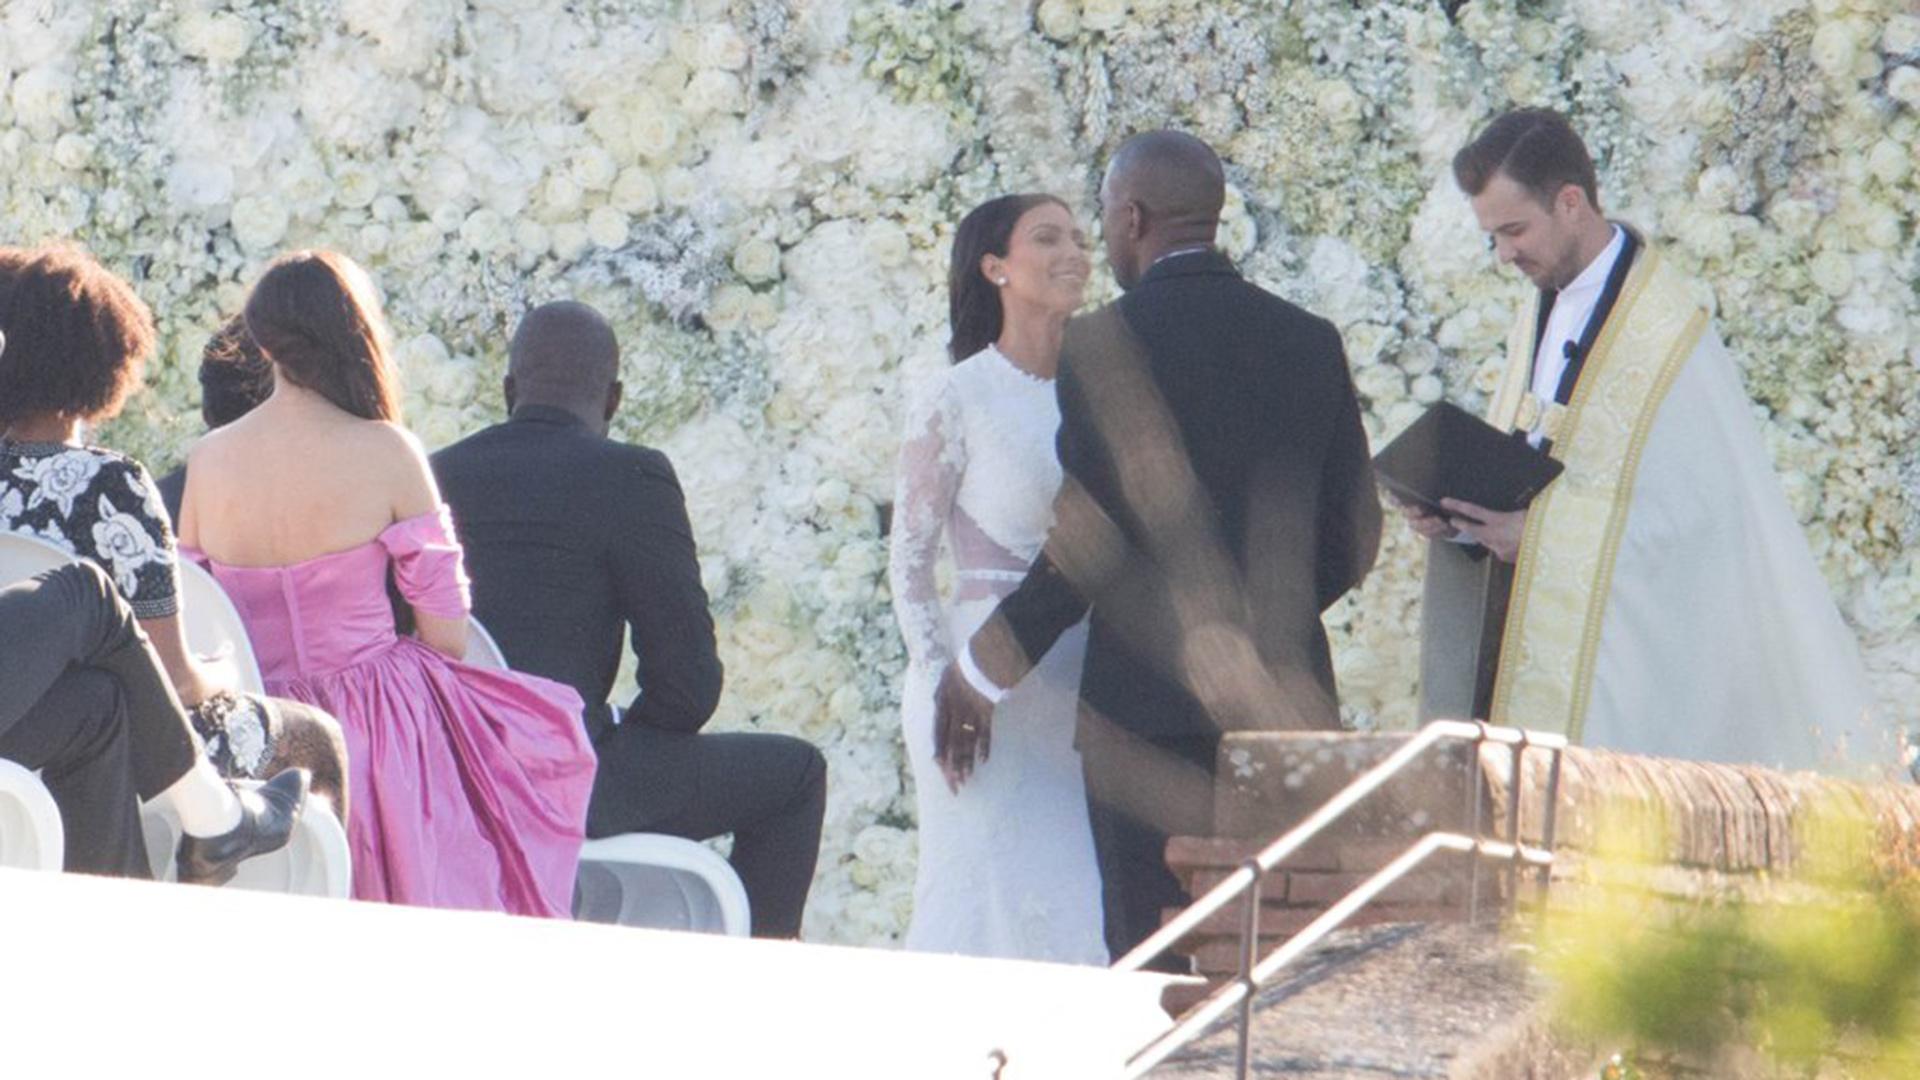 Su boda tuvo lugar en un castillo en Florencia